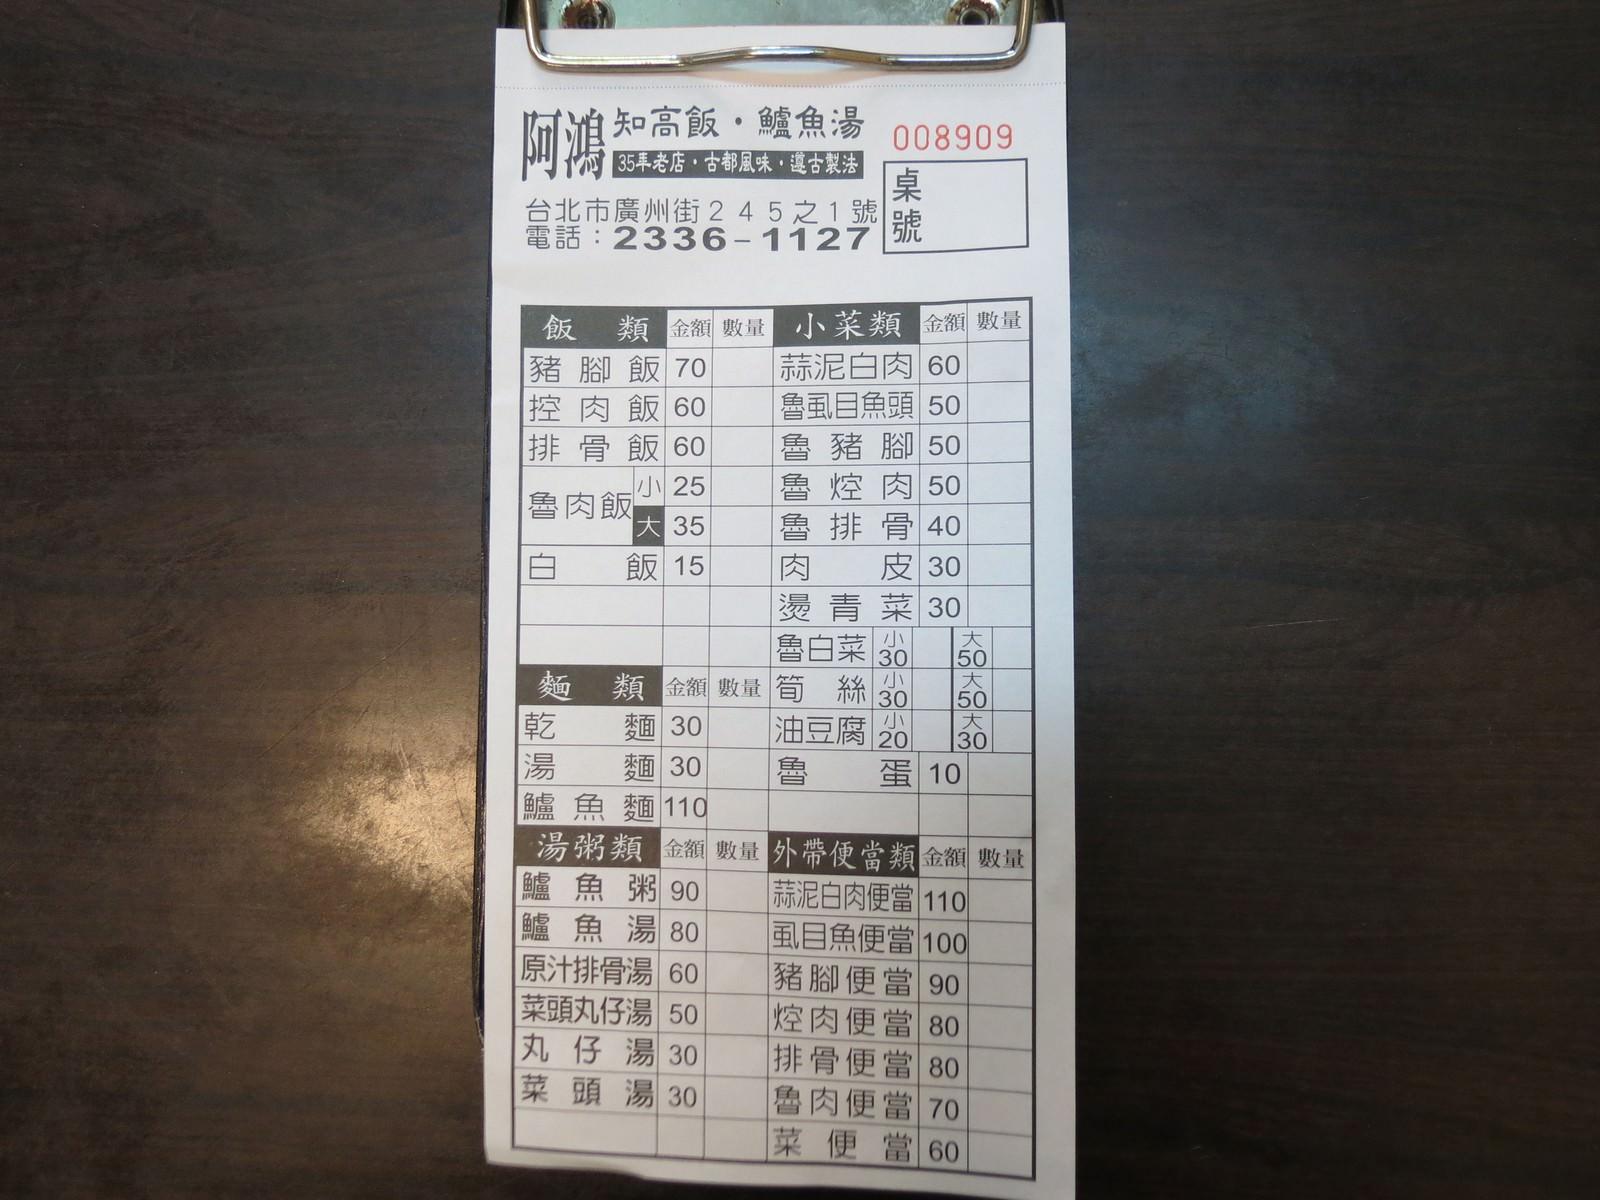 阿鴻知高飯‧鱸魚湯@廣州街夜市, 點菜單/MENU